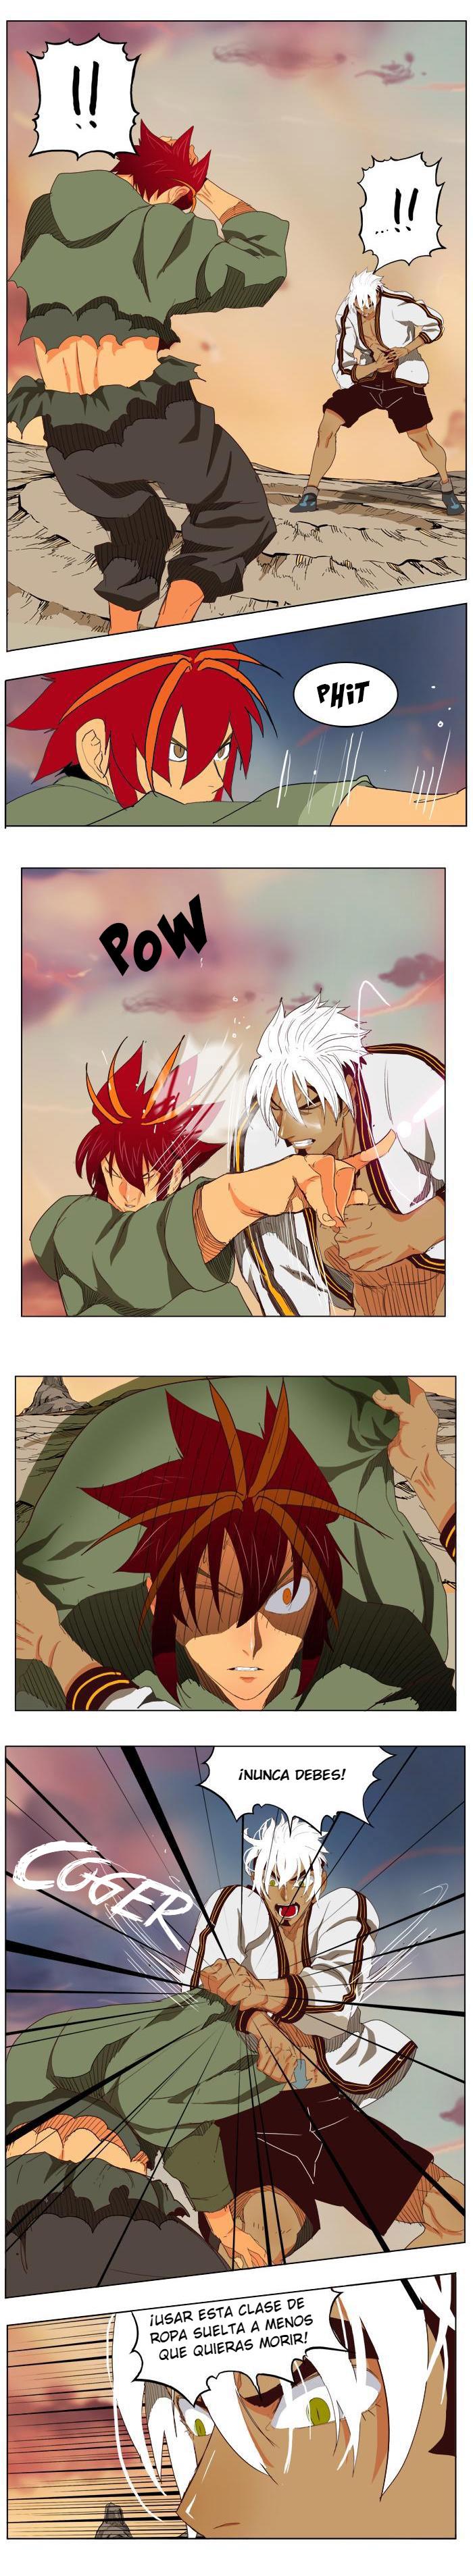 http://c5.ninemanga.com/es_manga/37/485/416151/80526190837d3b3ee7db3db7ea20f3a2.jpg Page 6